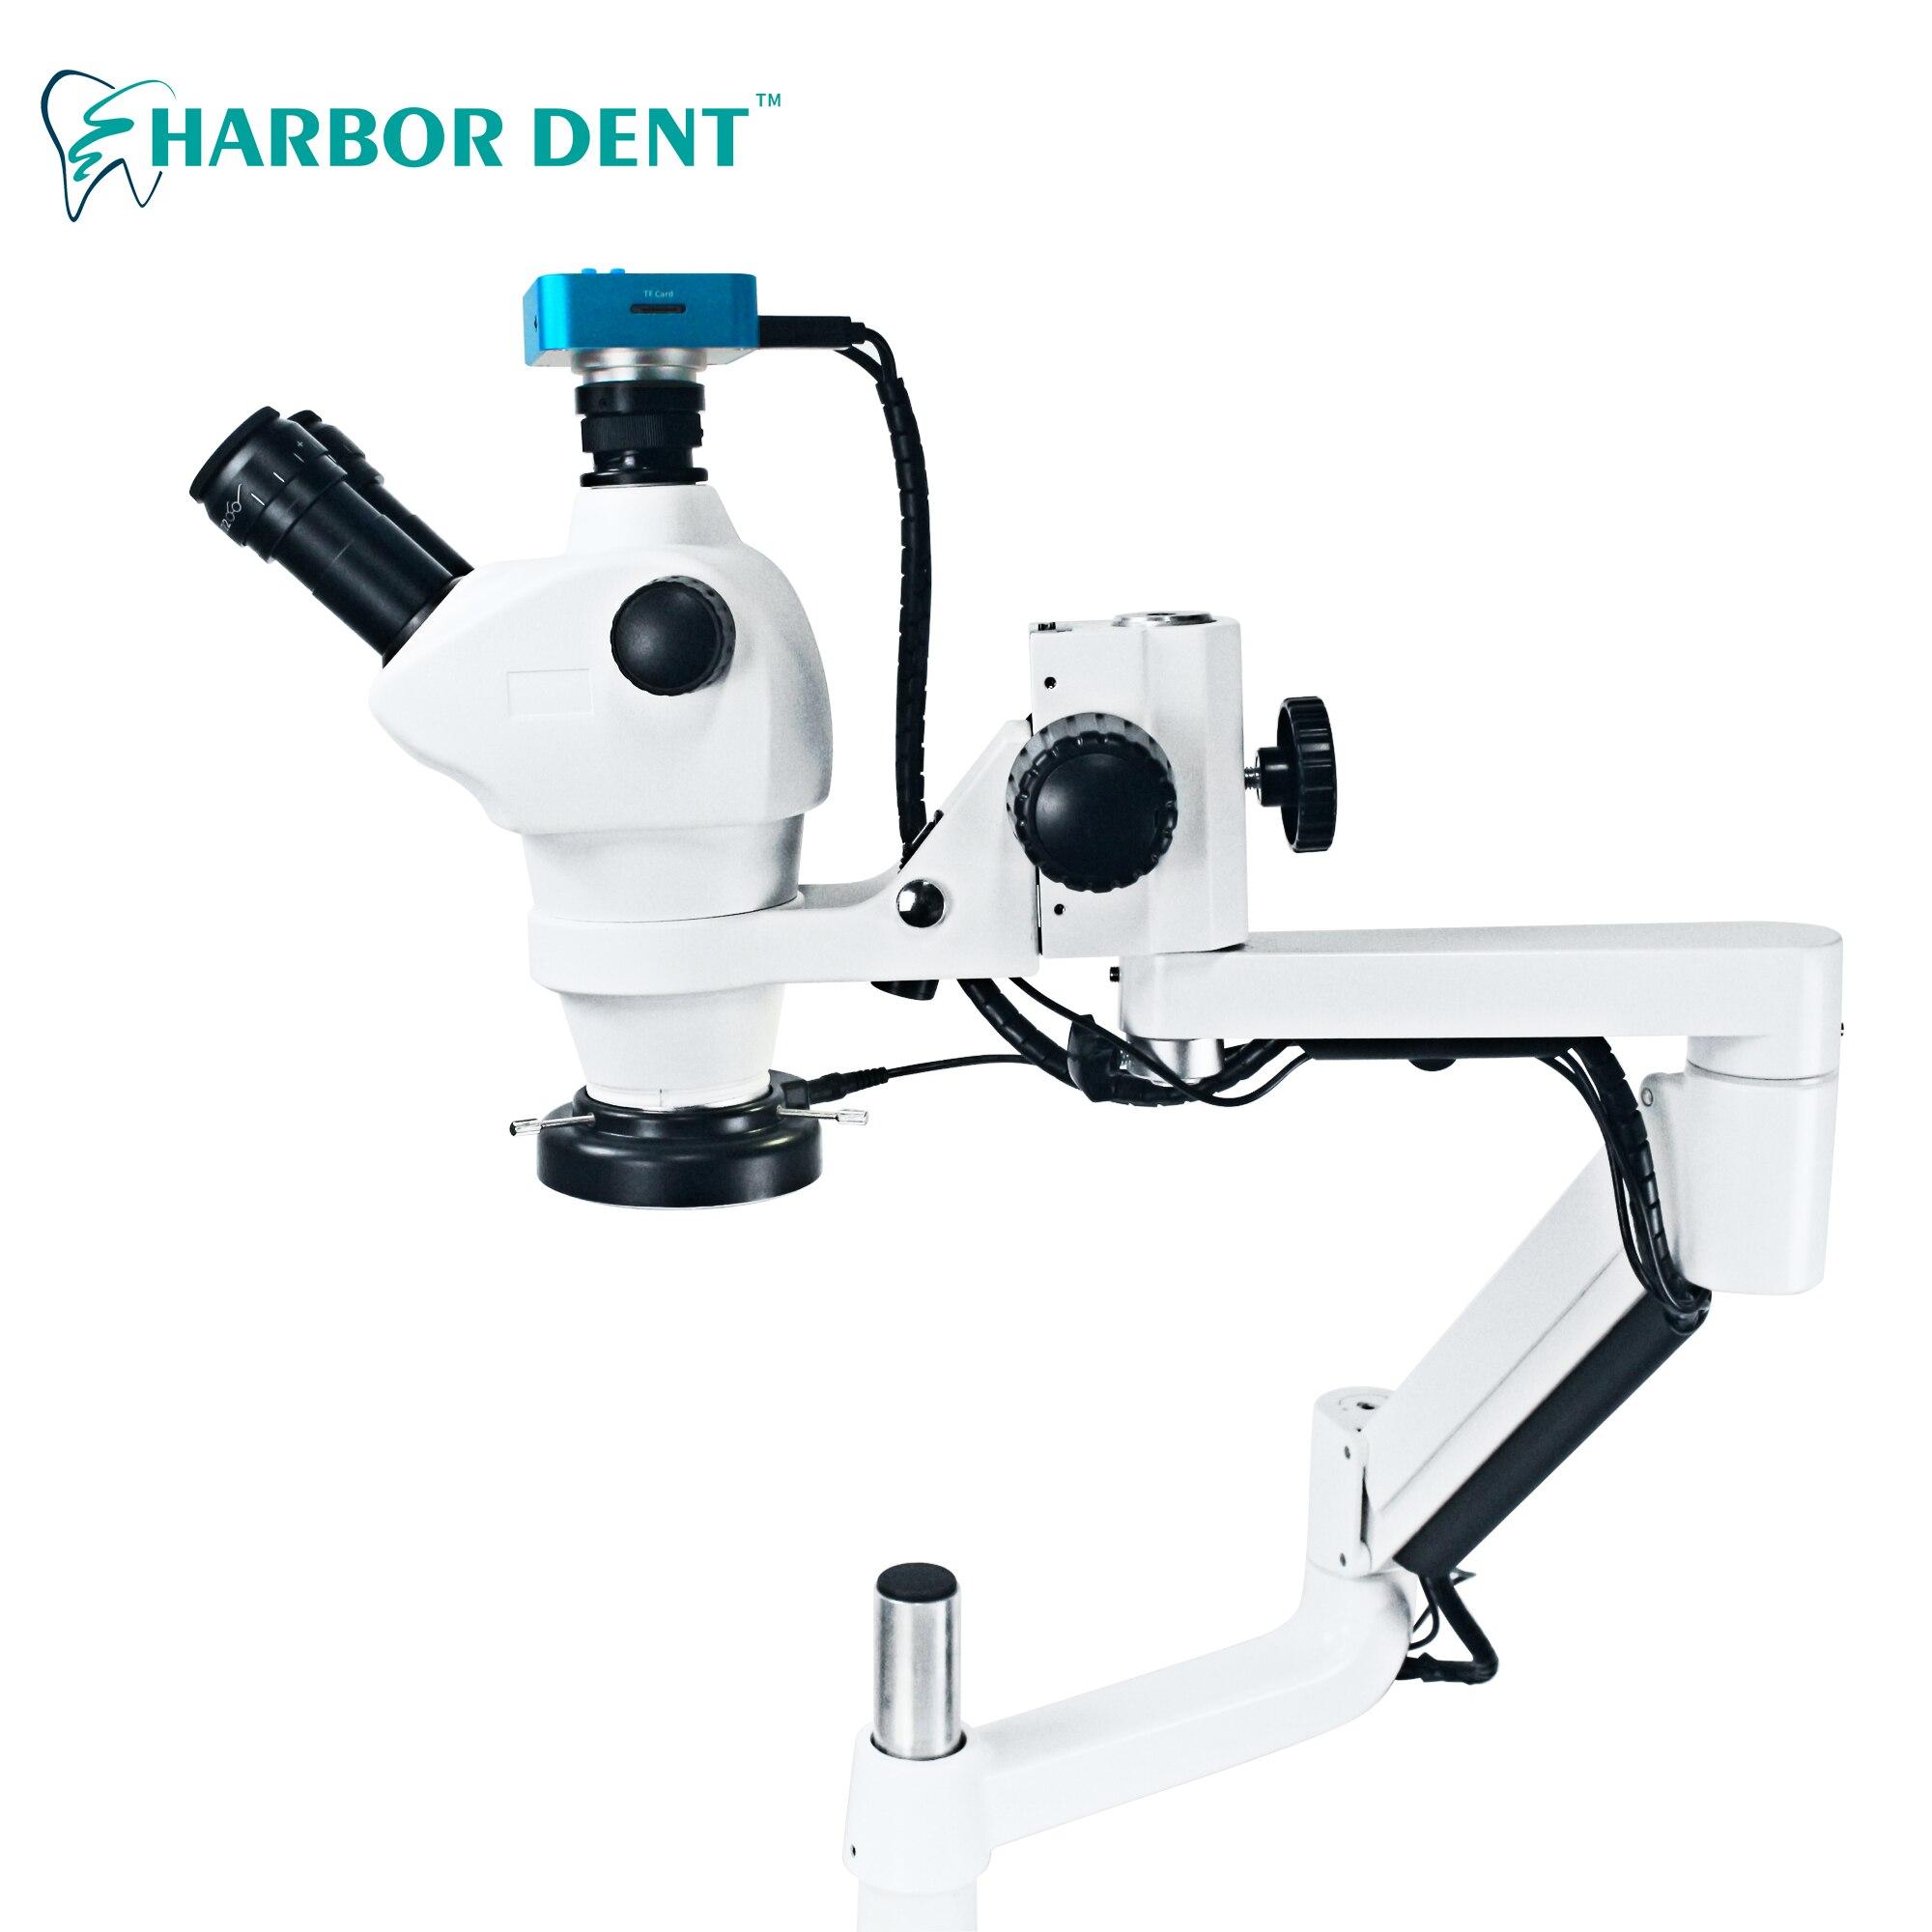 5X/10X/15X/20X 1080P стоматологический операционный микроскоп Портативный хирургический микроскоп/эндонтический микроскоп с камерой масштабируем...